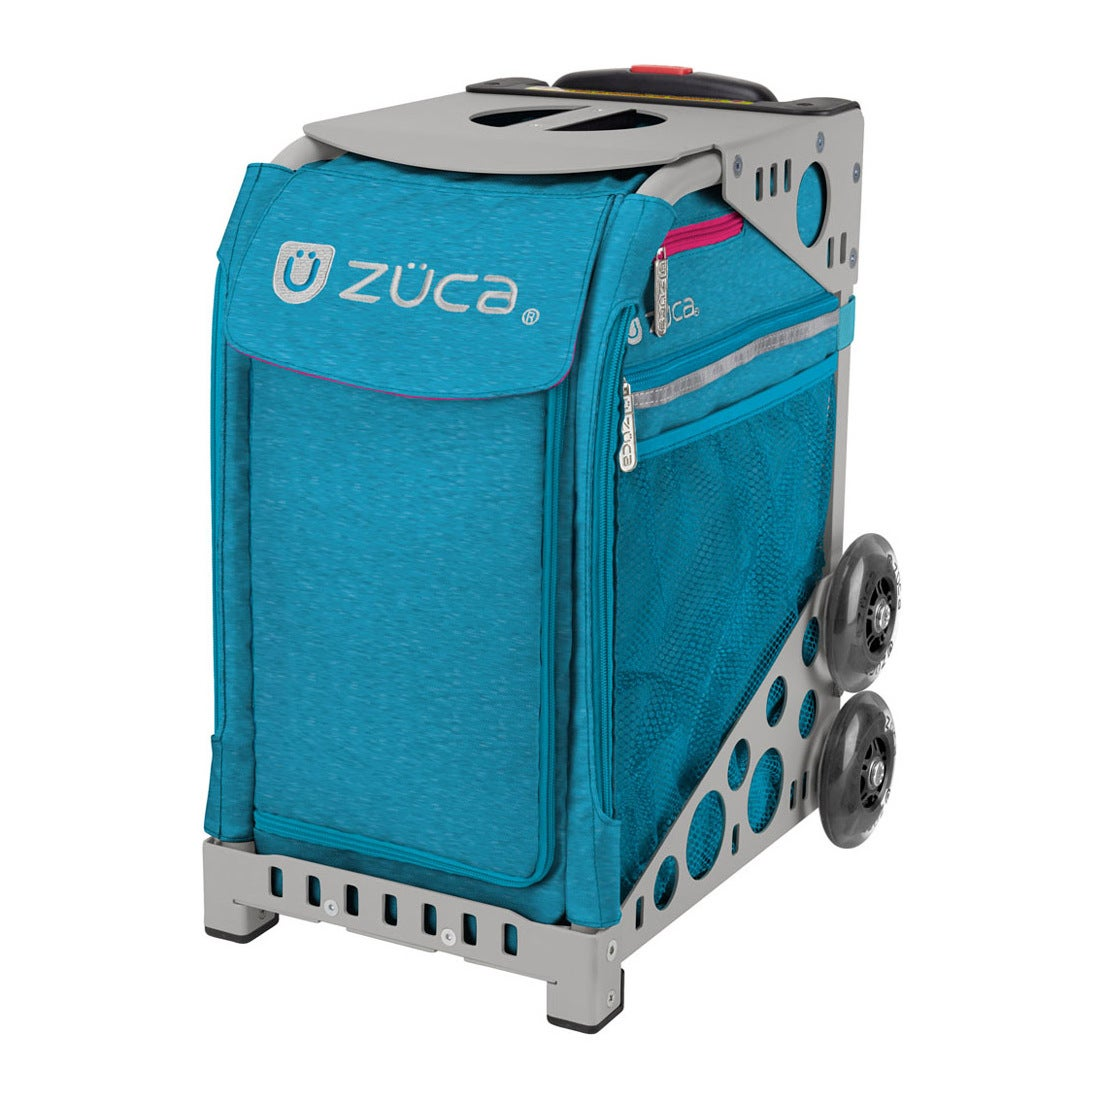 ロコンド 靴とファッションの通販サイト【SAC'SBAR】ZUCASportキャリーケースBeachyBlue403Grey